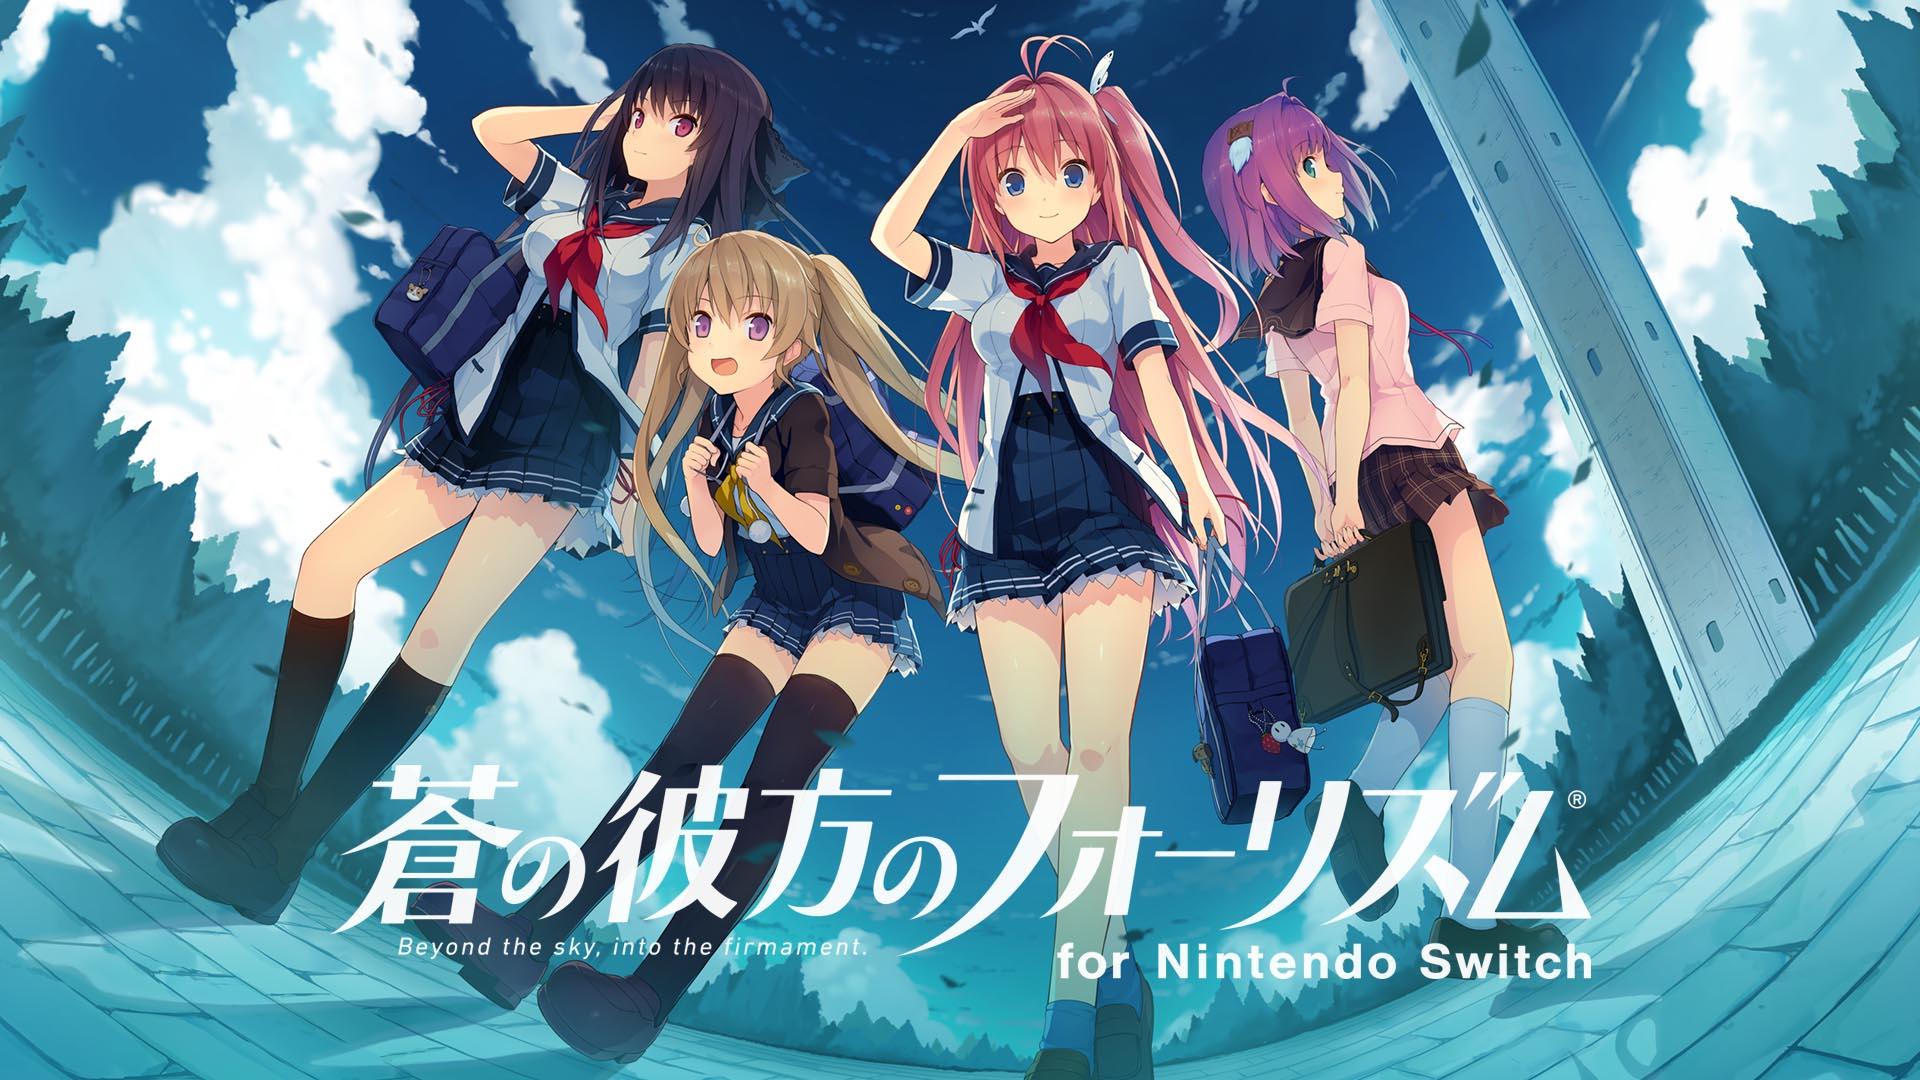 Nintendo Switch ダウンロード購入 蒼の彼方のフォーリズム For